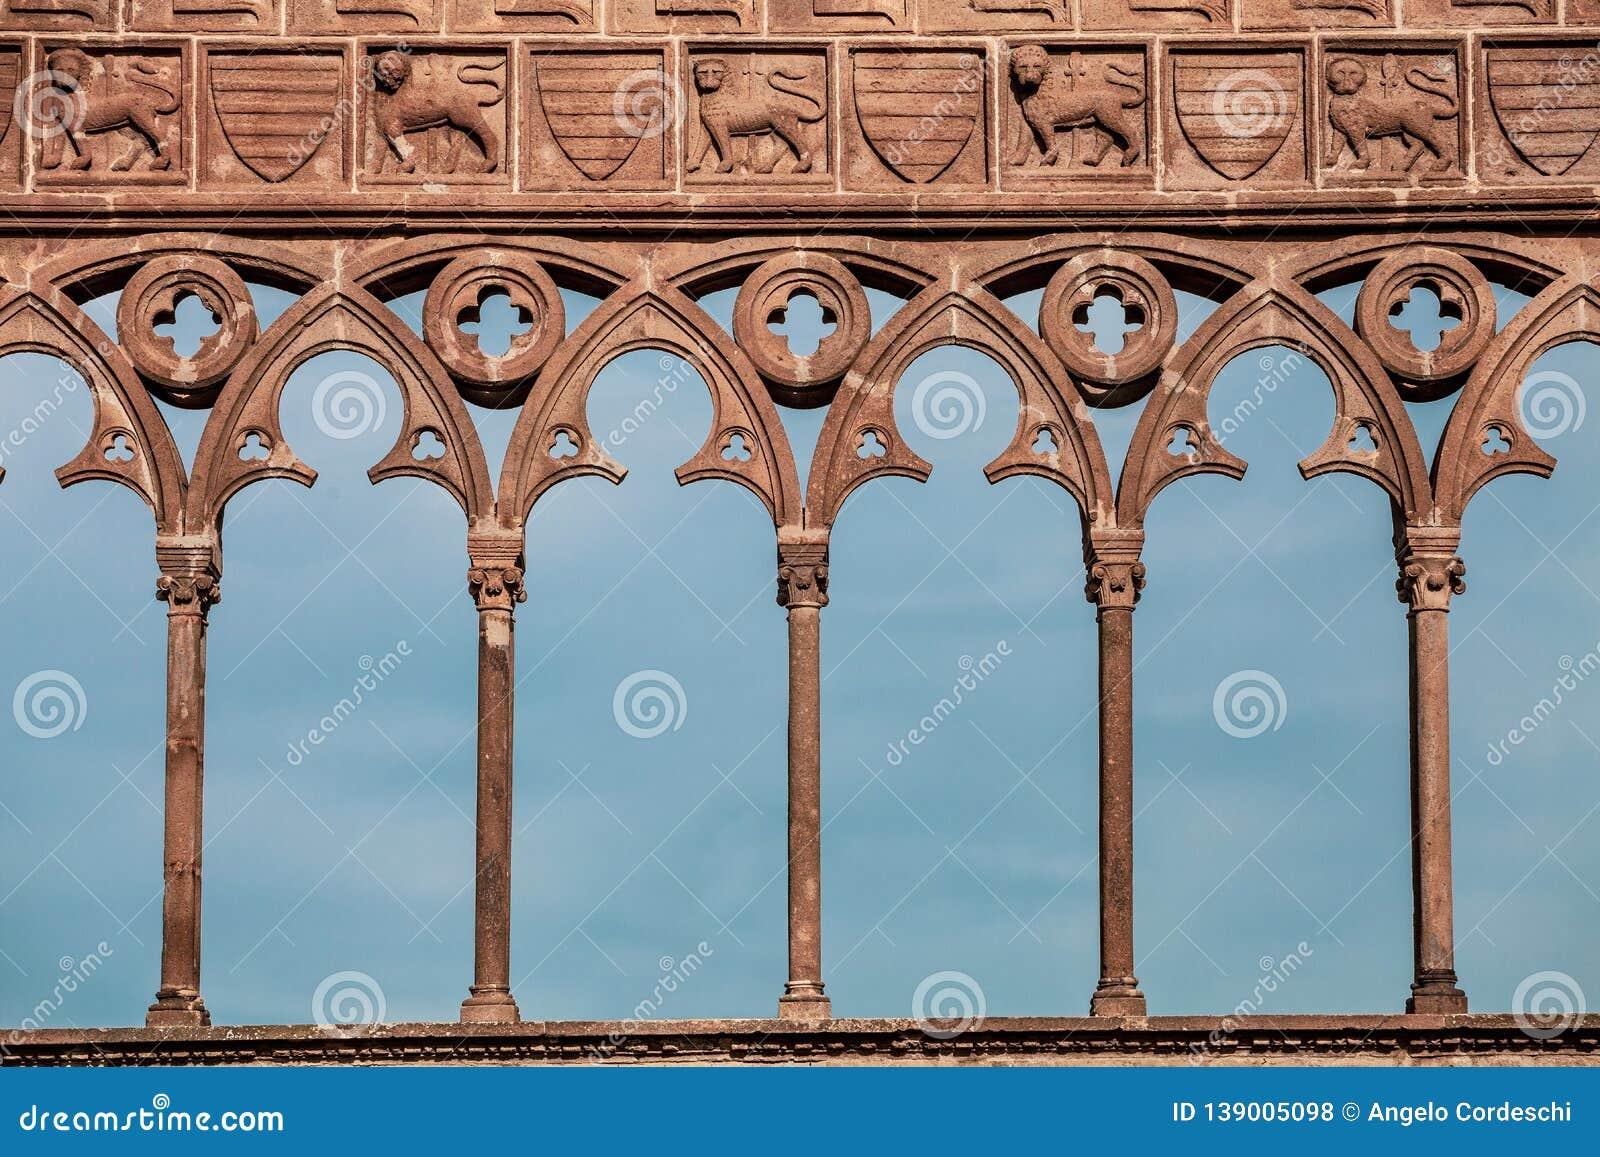 Mittelalterliche antike Dekorationen mit Bögen, geschnitzten Löwen und Spalten